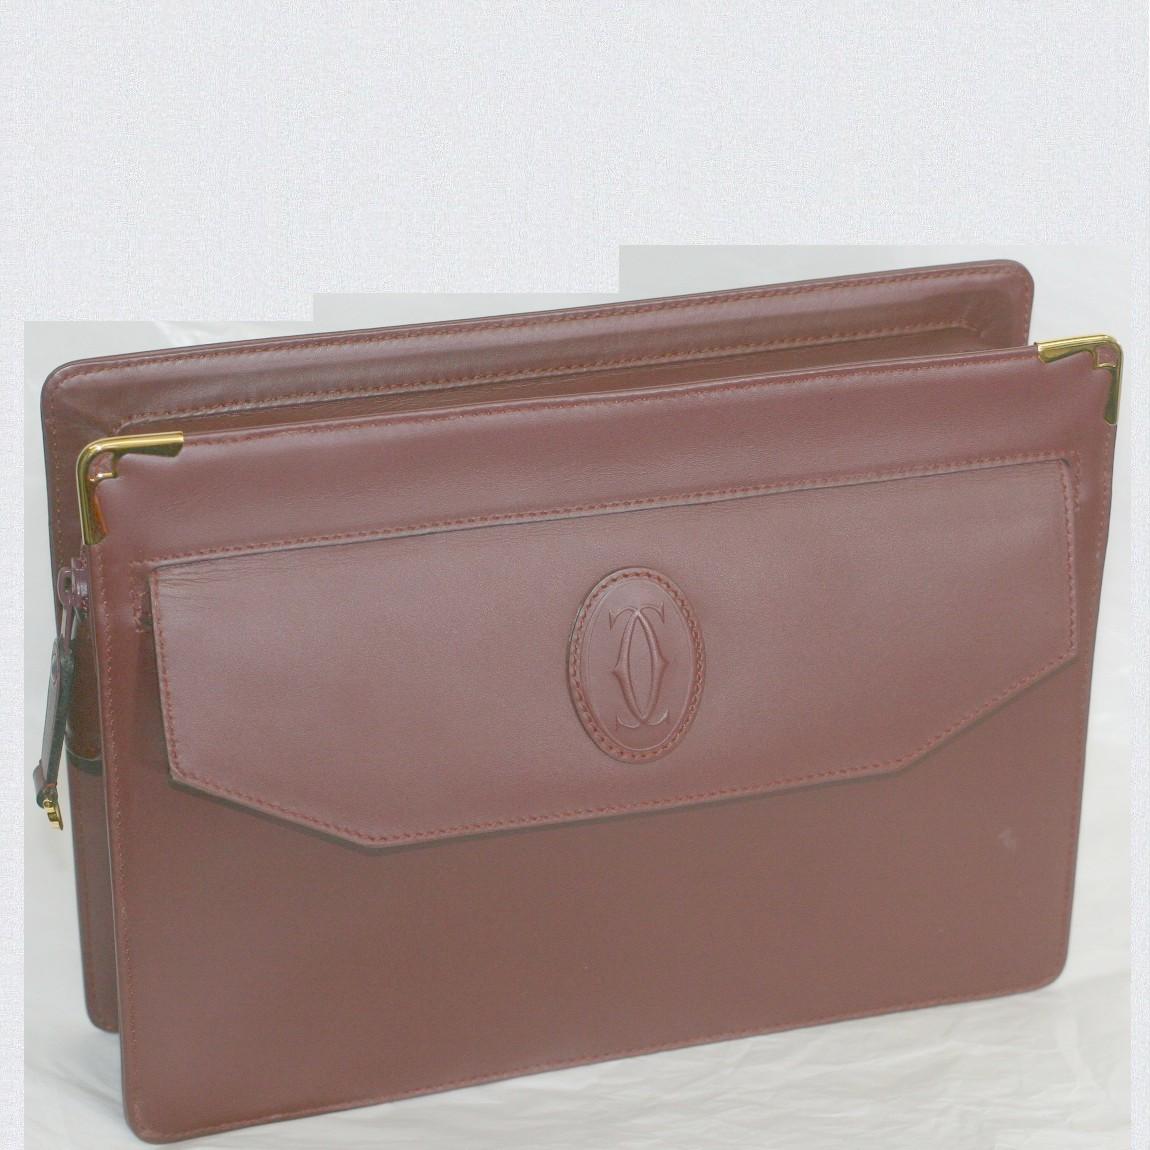 【中古】本物美品カルティエ男女兼用ボルドー色革素材セカンドバッグ兼クラッチバッグ サイズW26H20D5,5cm